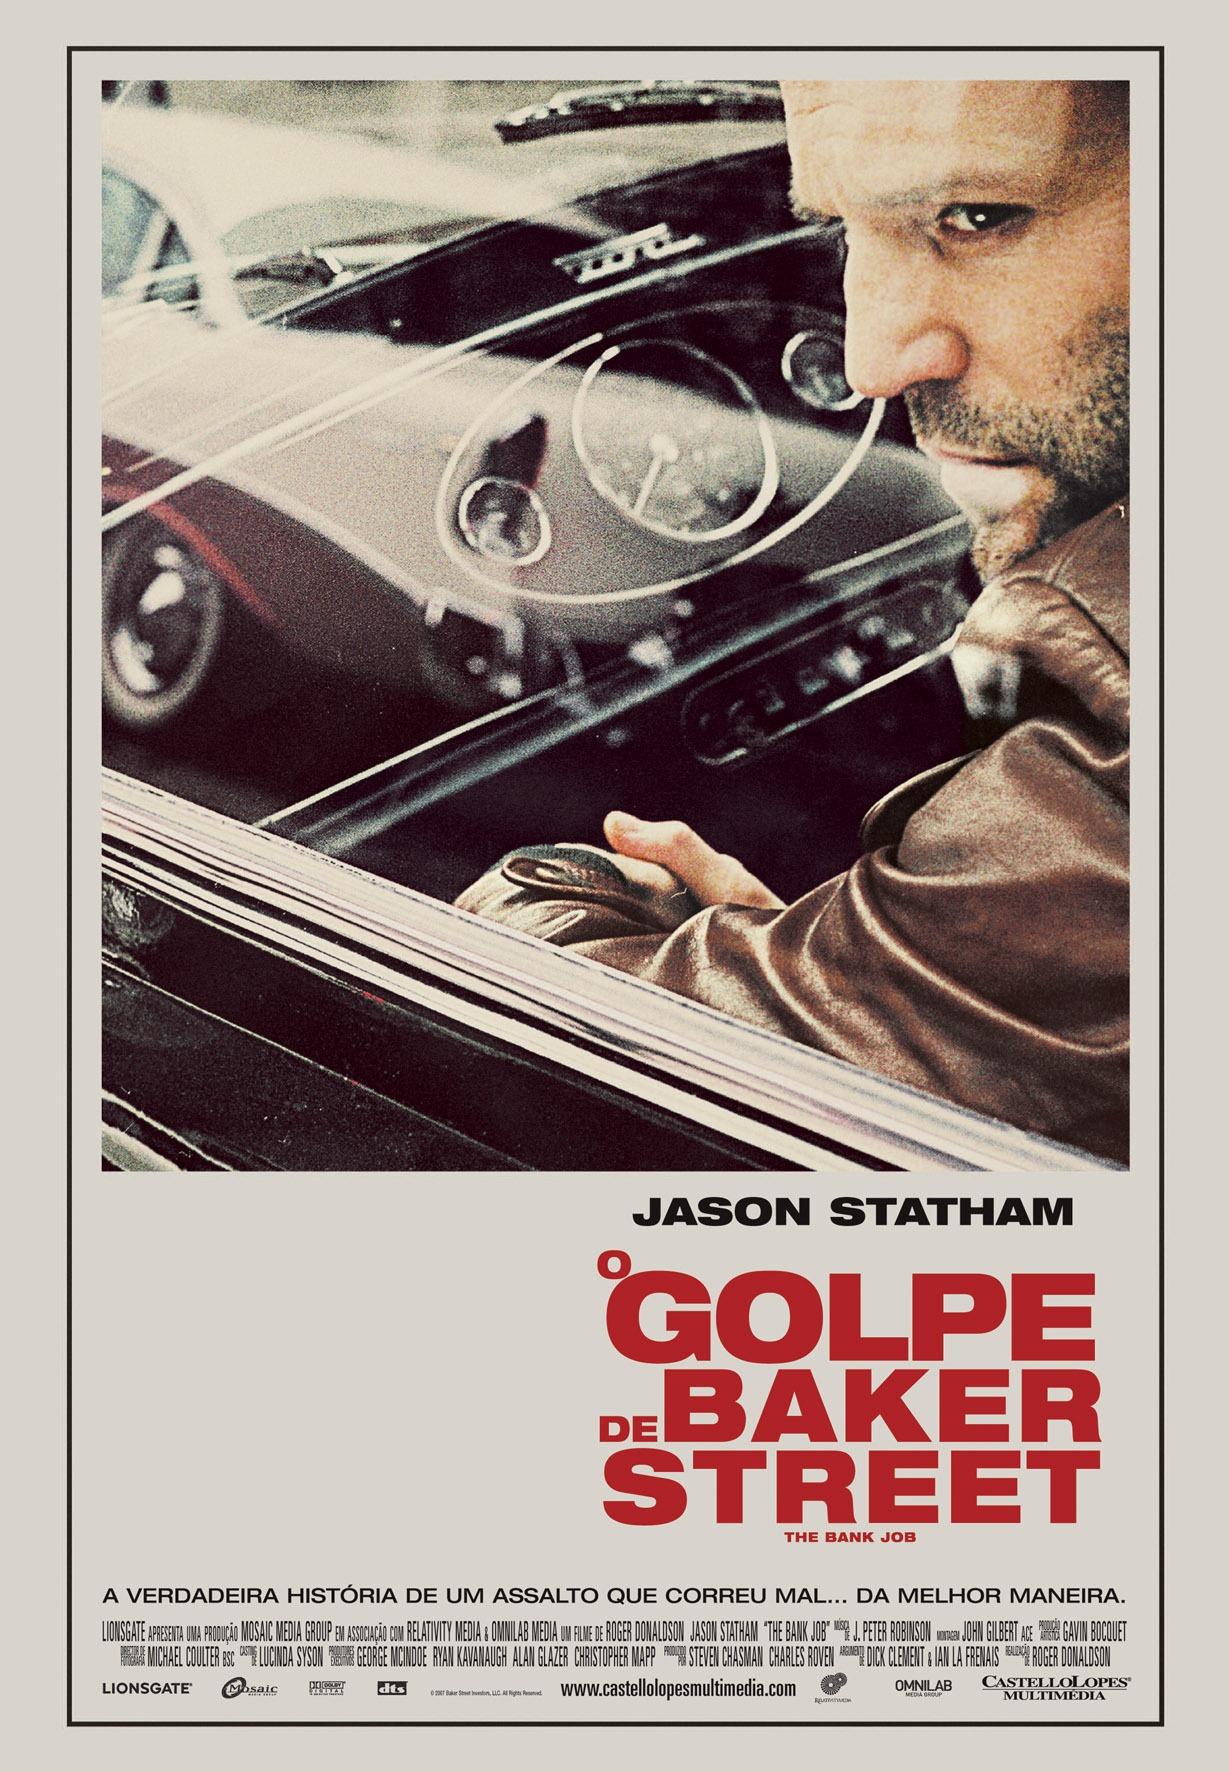 O Golpe de Baker Street - SAPO Mag